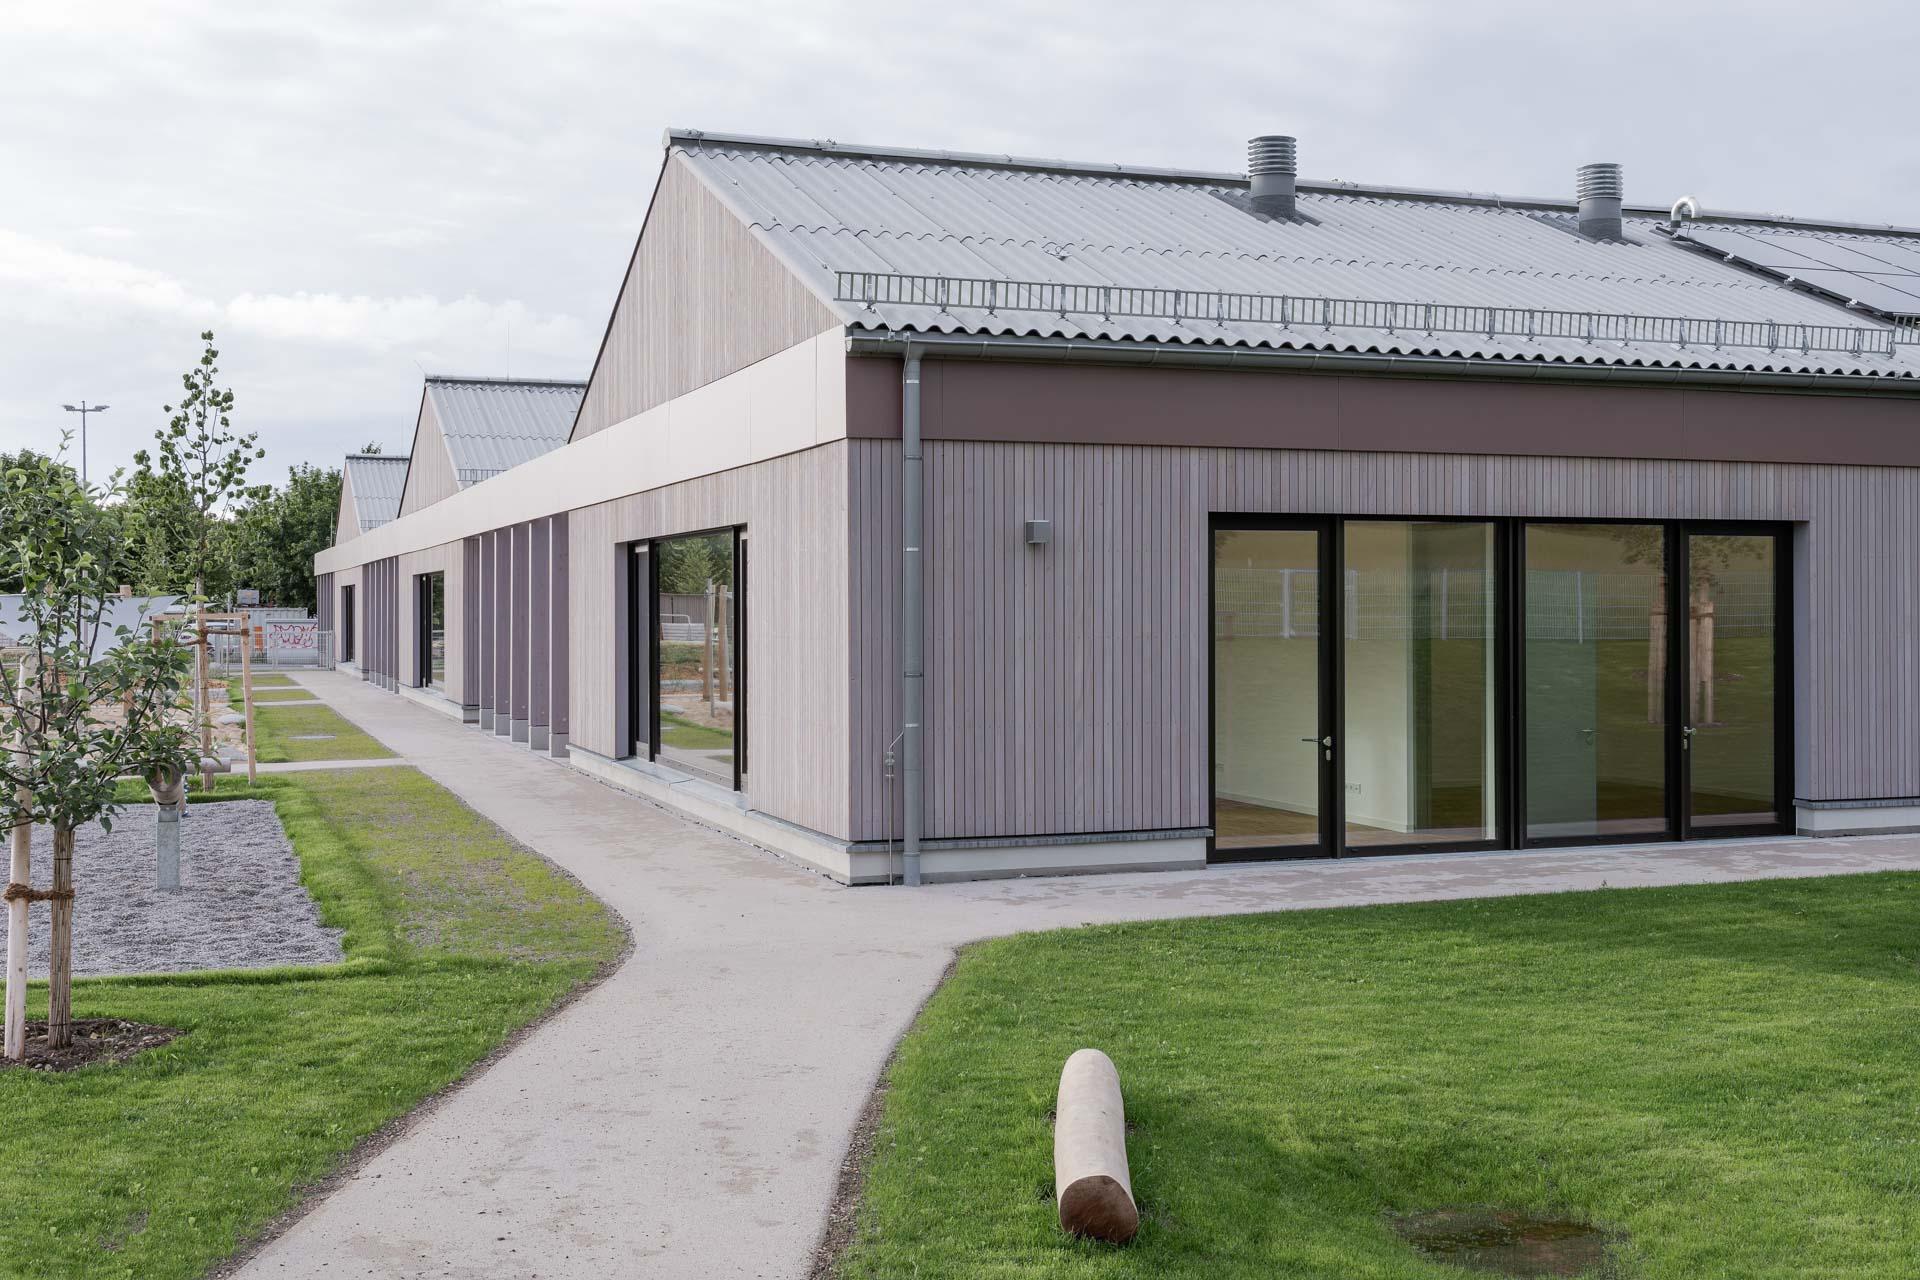 Perchting_Kinderhaus32_2k